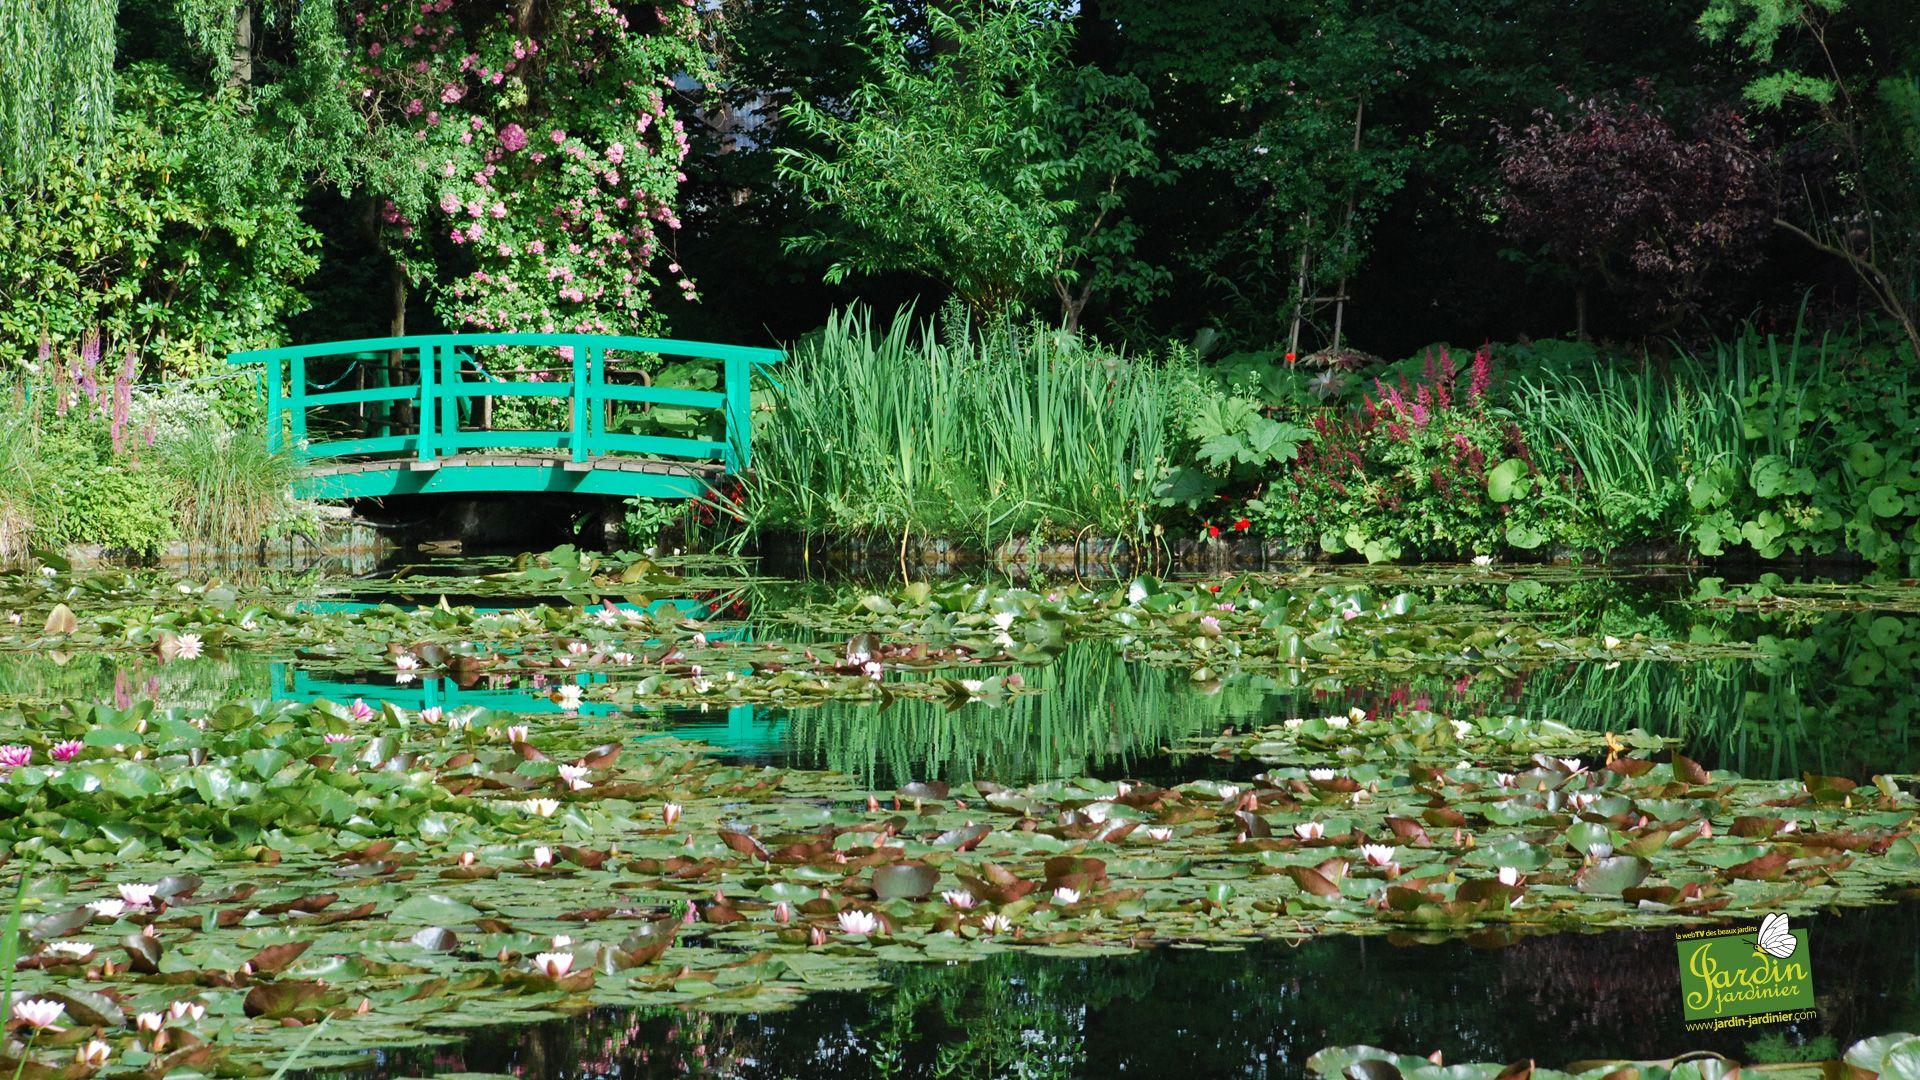 Conoce los seis jardines más impresionantes del mundo Página 6